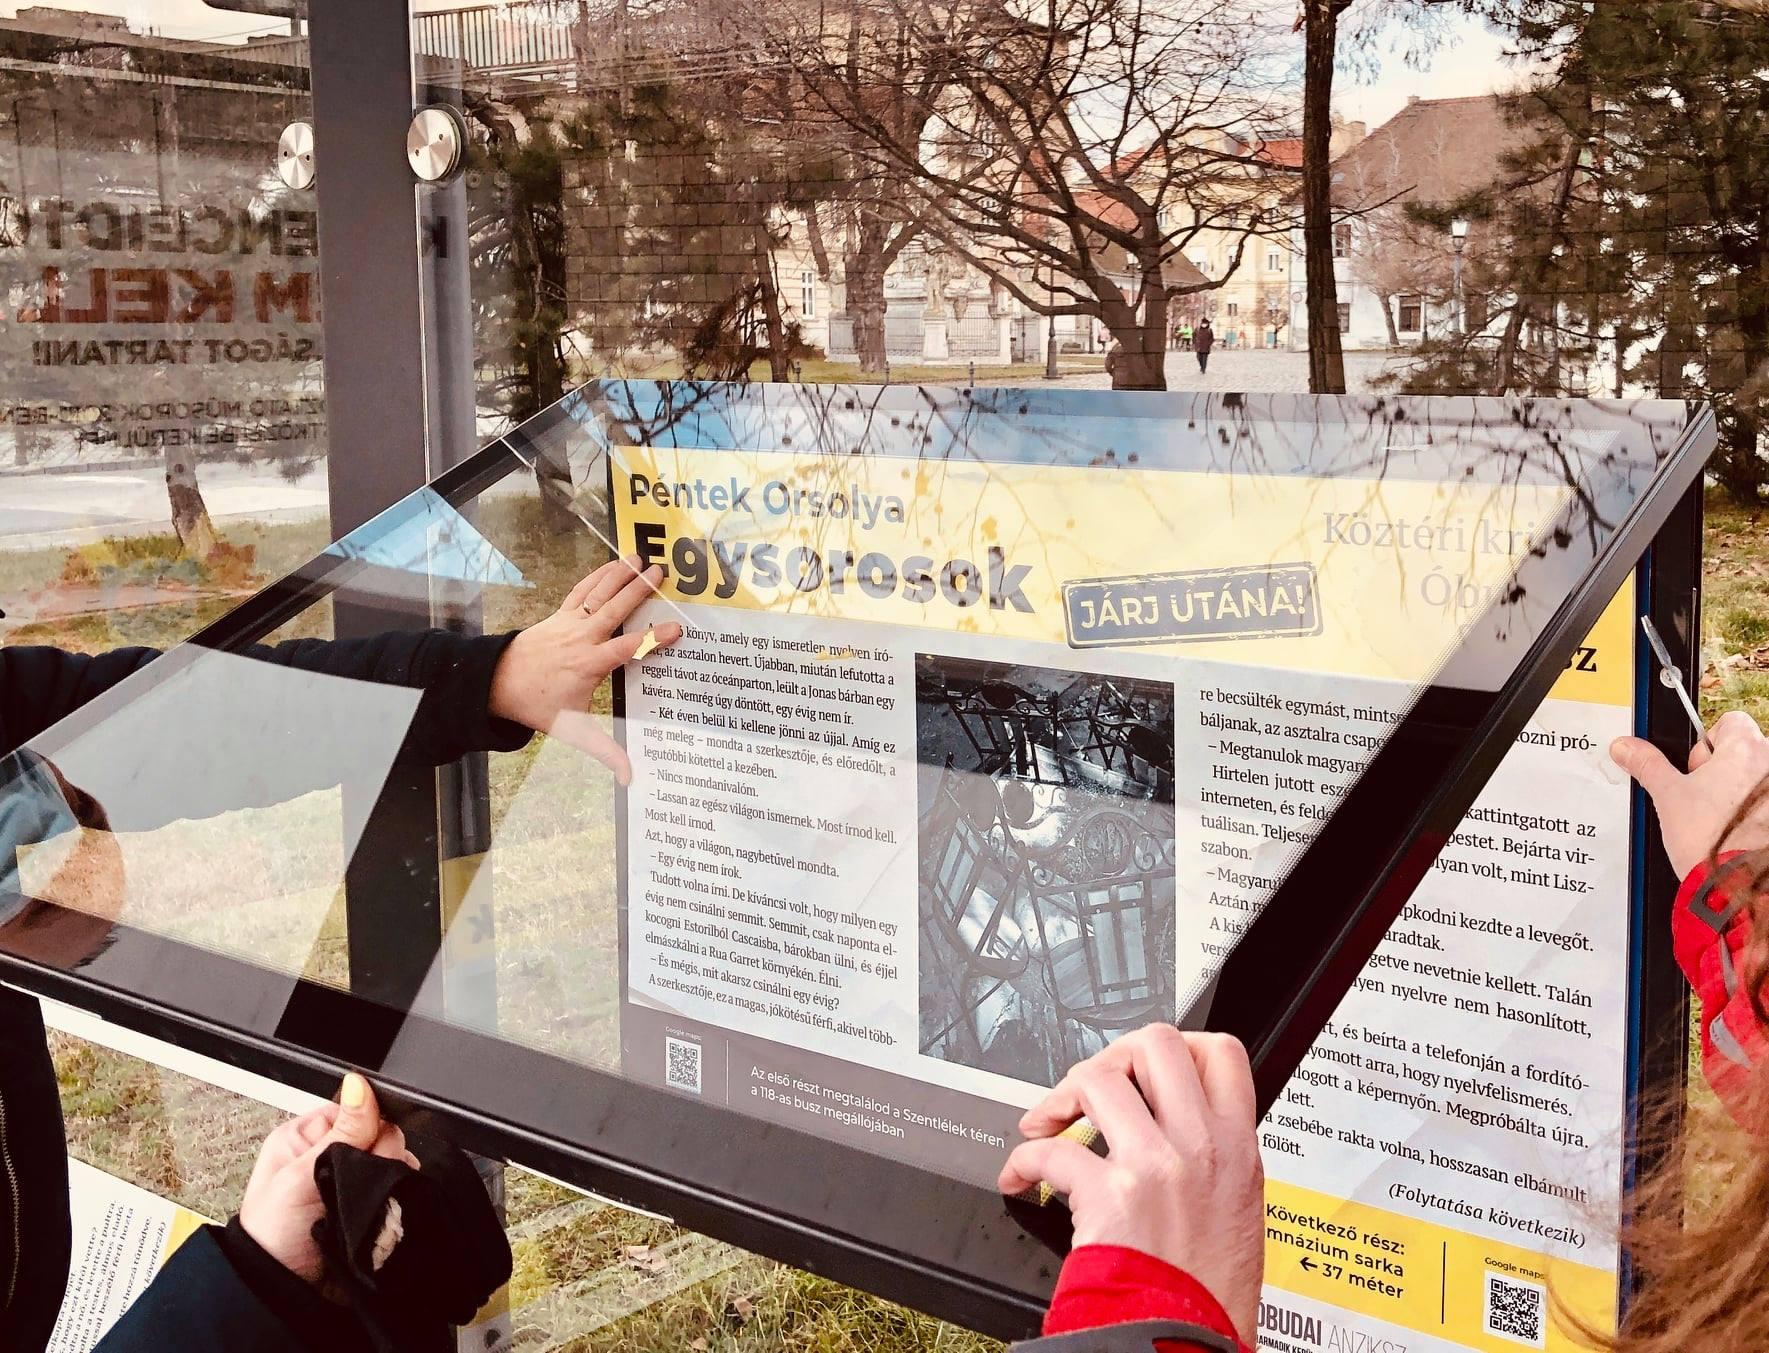 Nyomozz, sétálj, kávézz: Köztéri plakátkrimik Óbudán